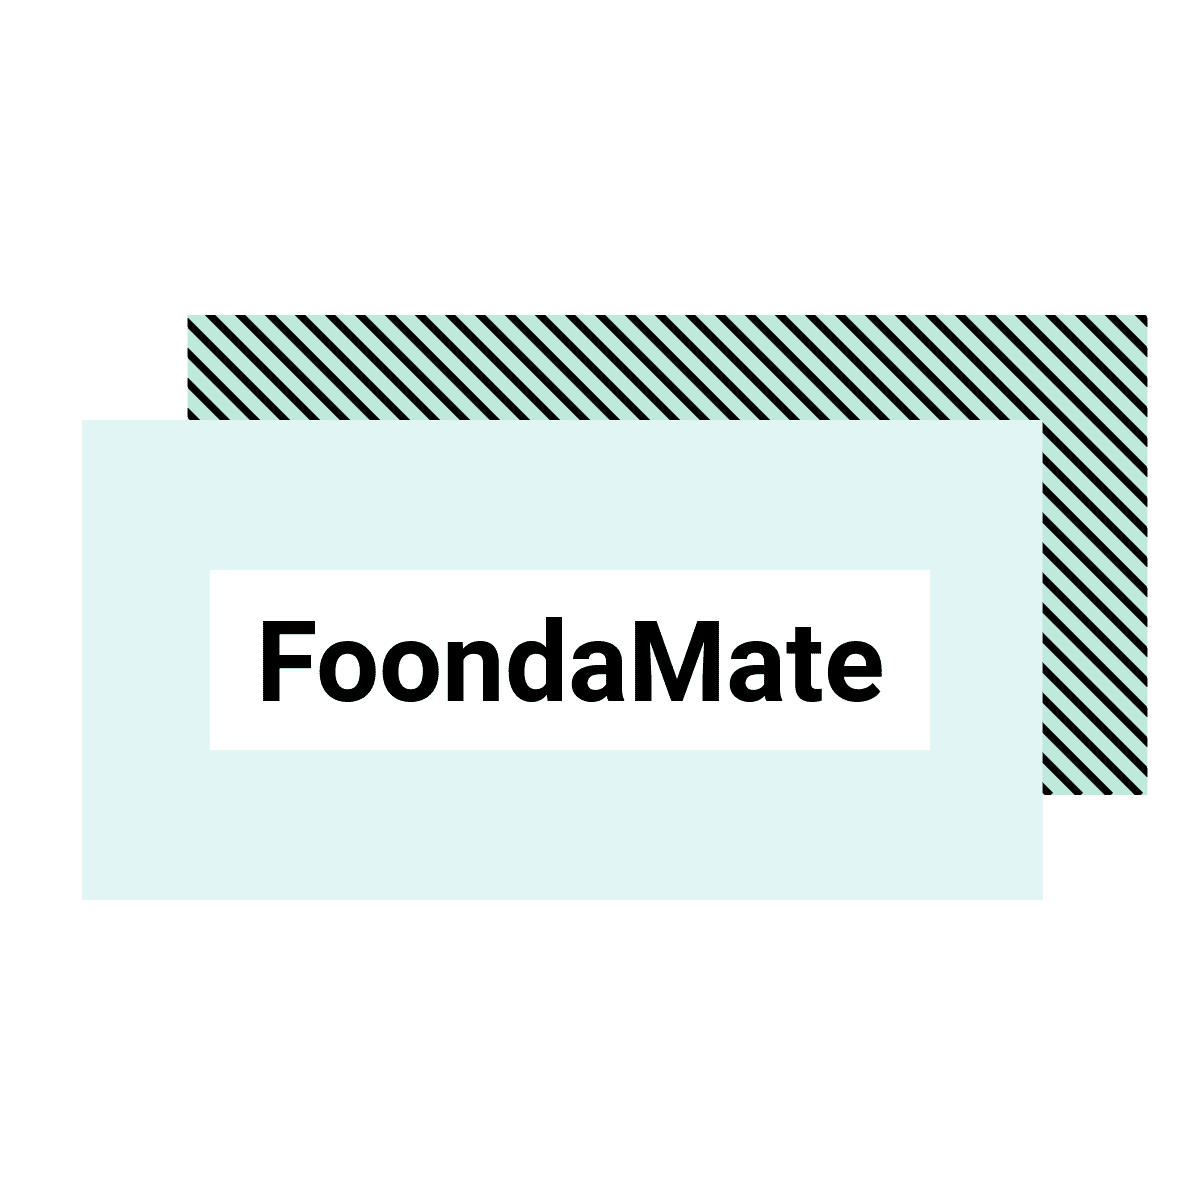 FoondaMate